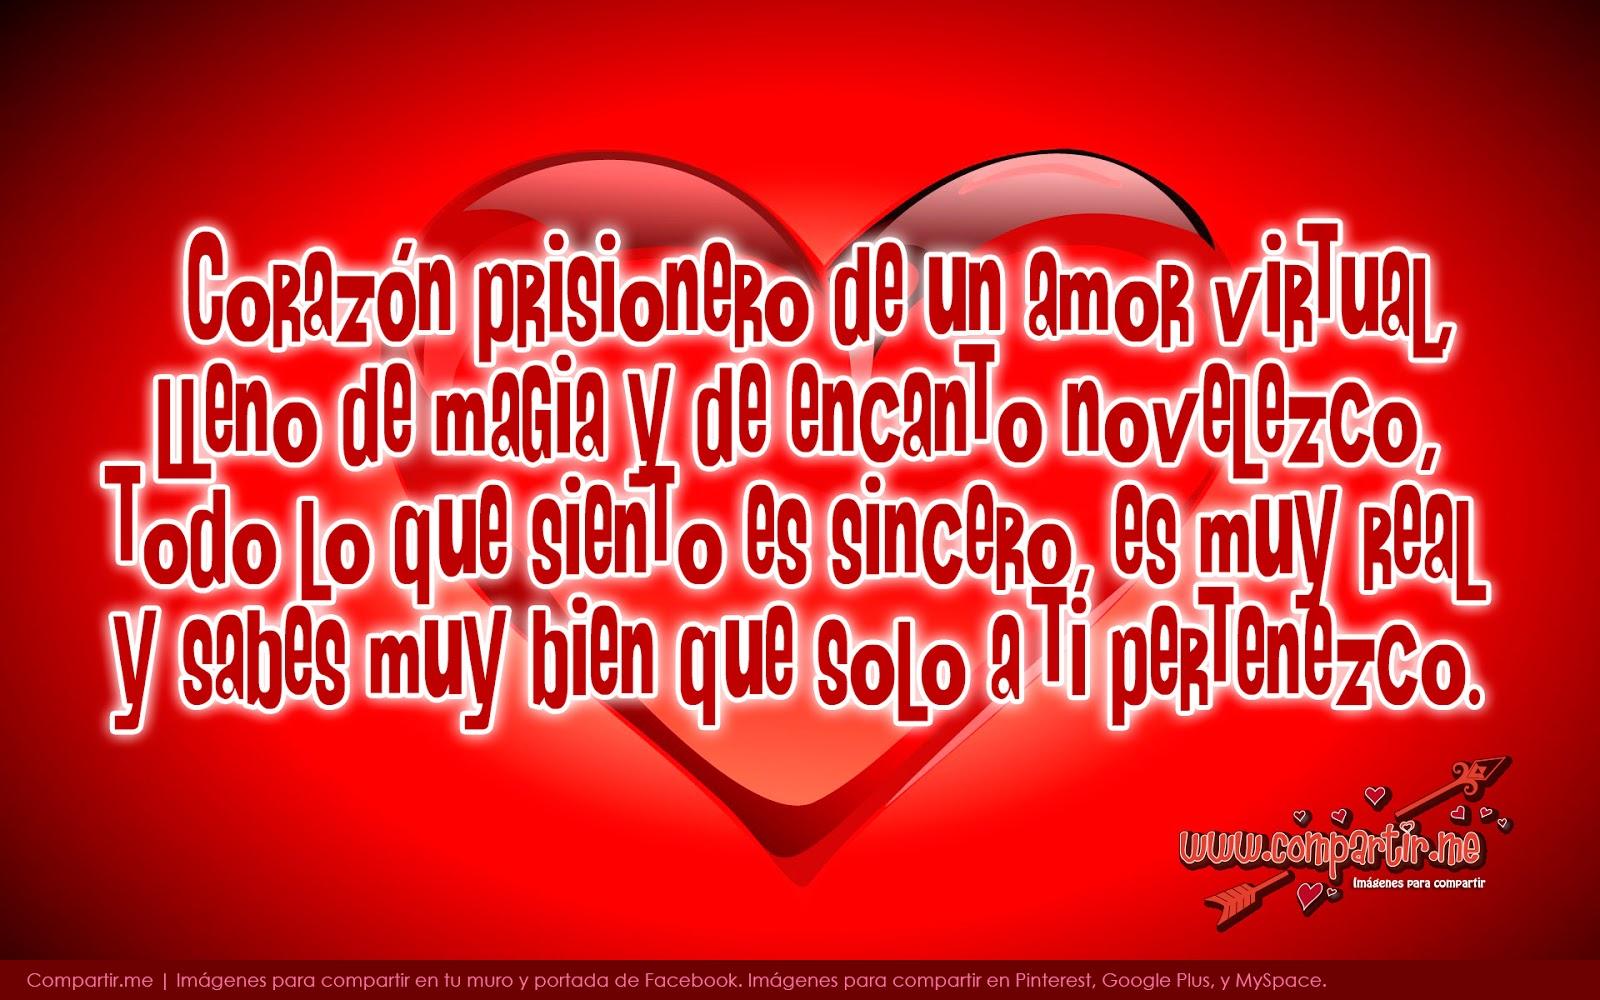 Frases Con Imagenes De San Valentin - Frases y Poemas para San Valentin Facebook